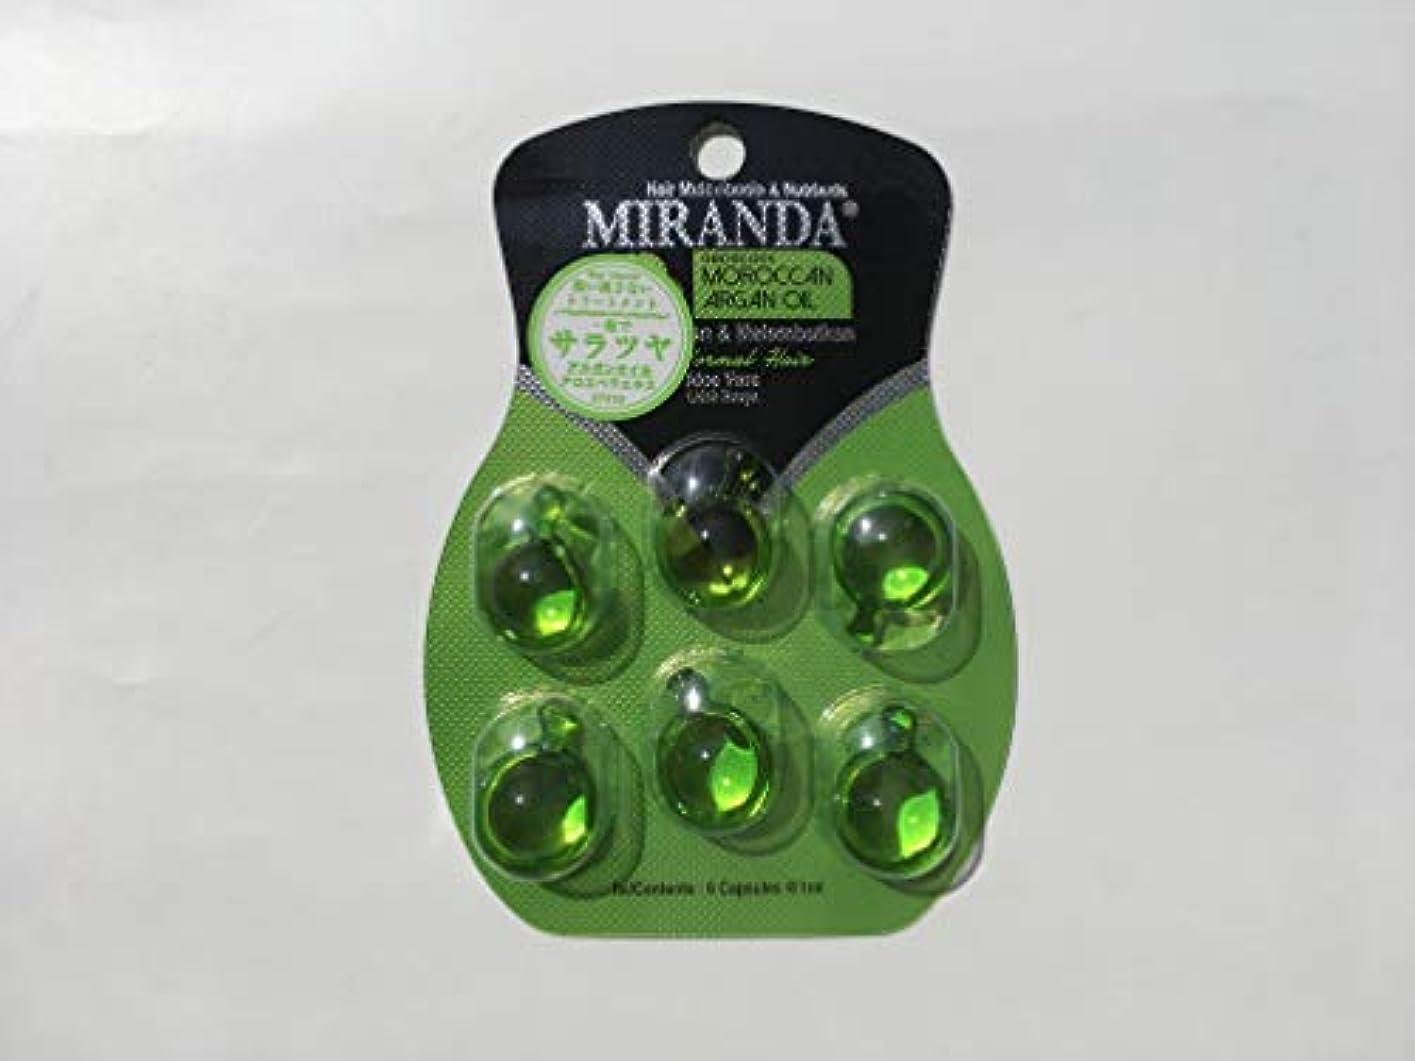 設計ハント悪意のあるMIRANDA Hair Vitamin Oil ミランダ ヘアビタミン モロッカン アルガンオイル 6粒入りシート (グリーン)